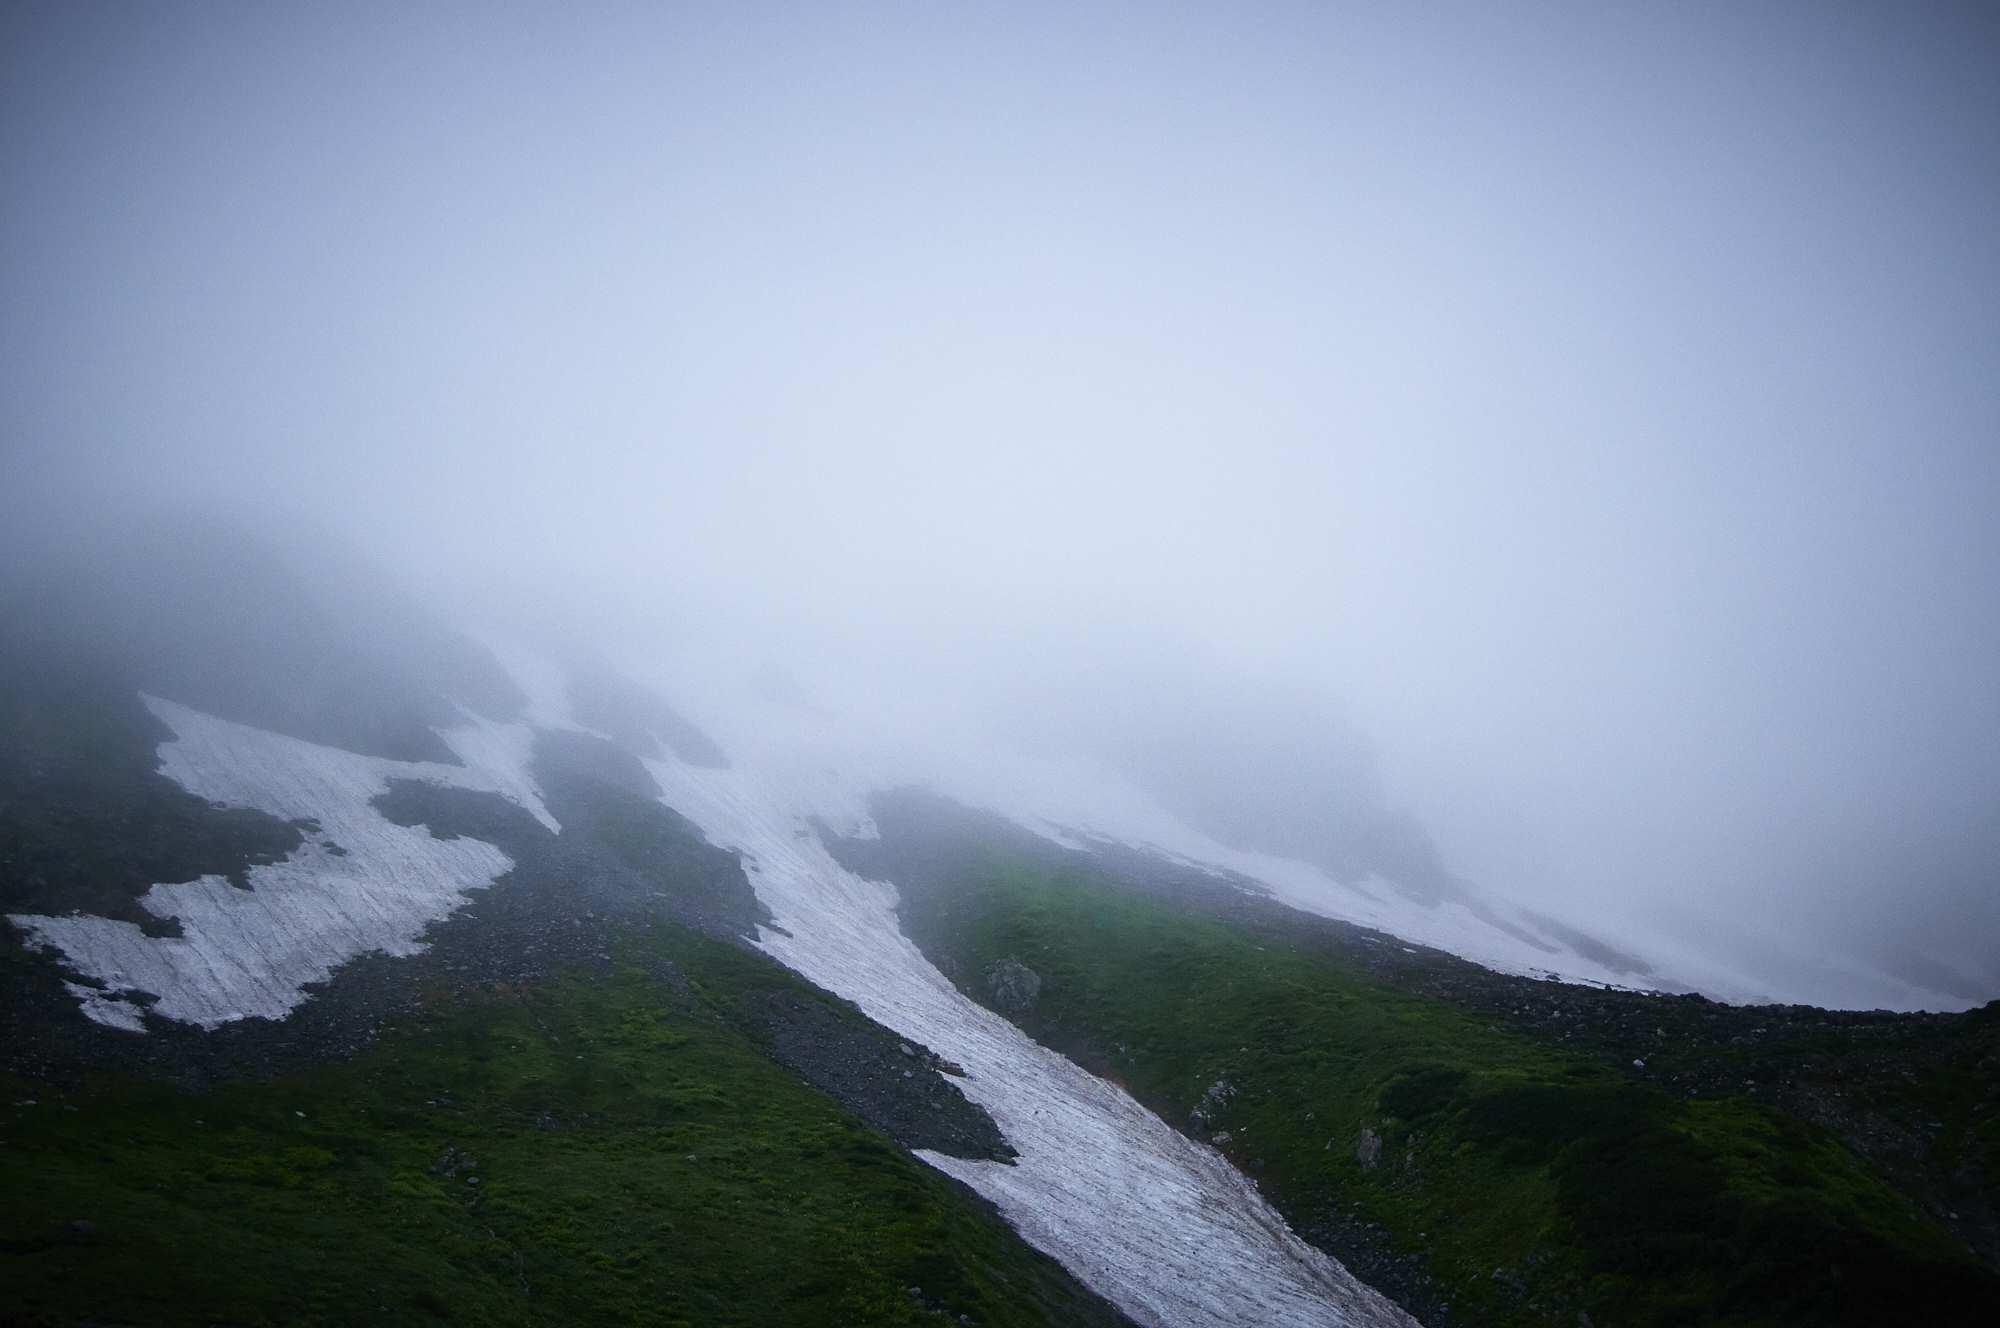 北アルプスの剱岳の劔御前の靄と残雪